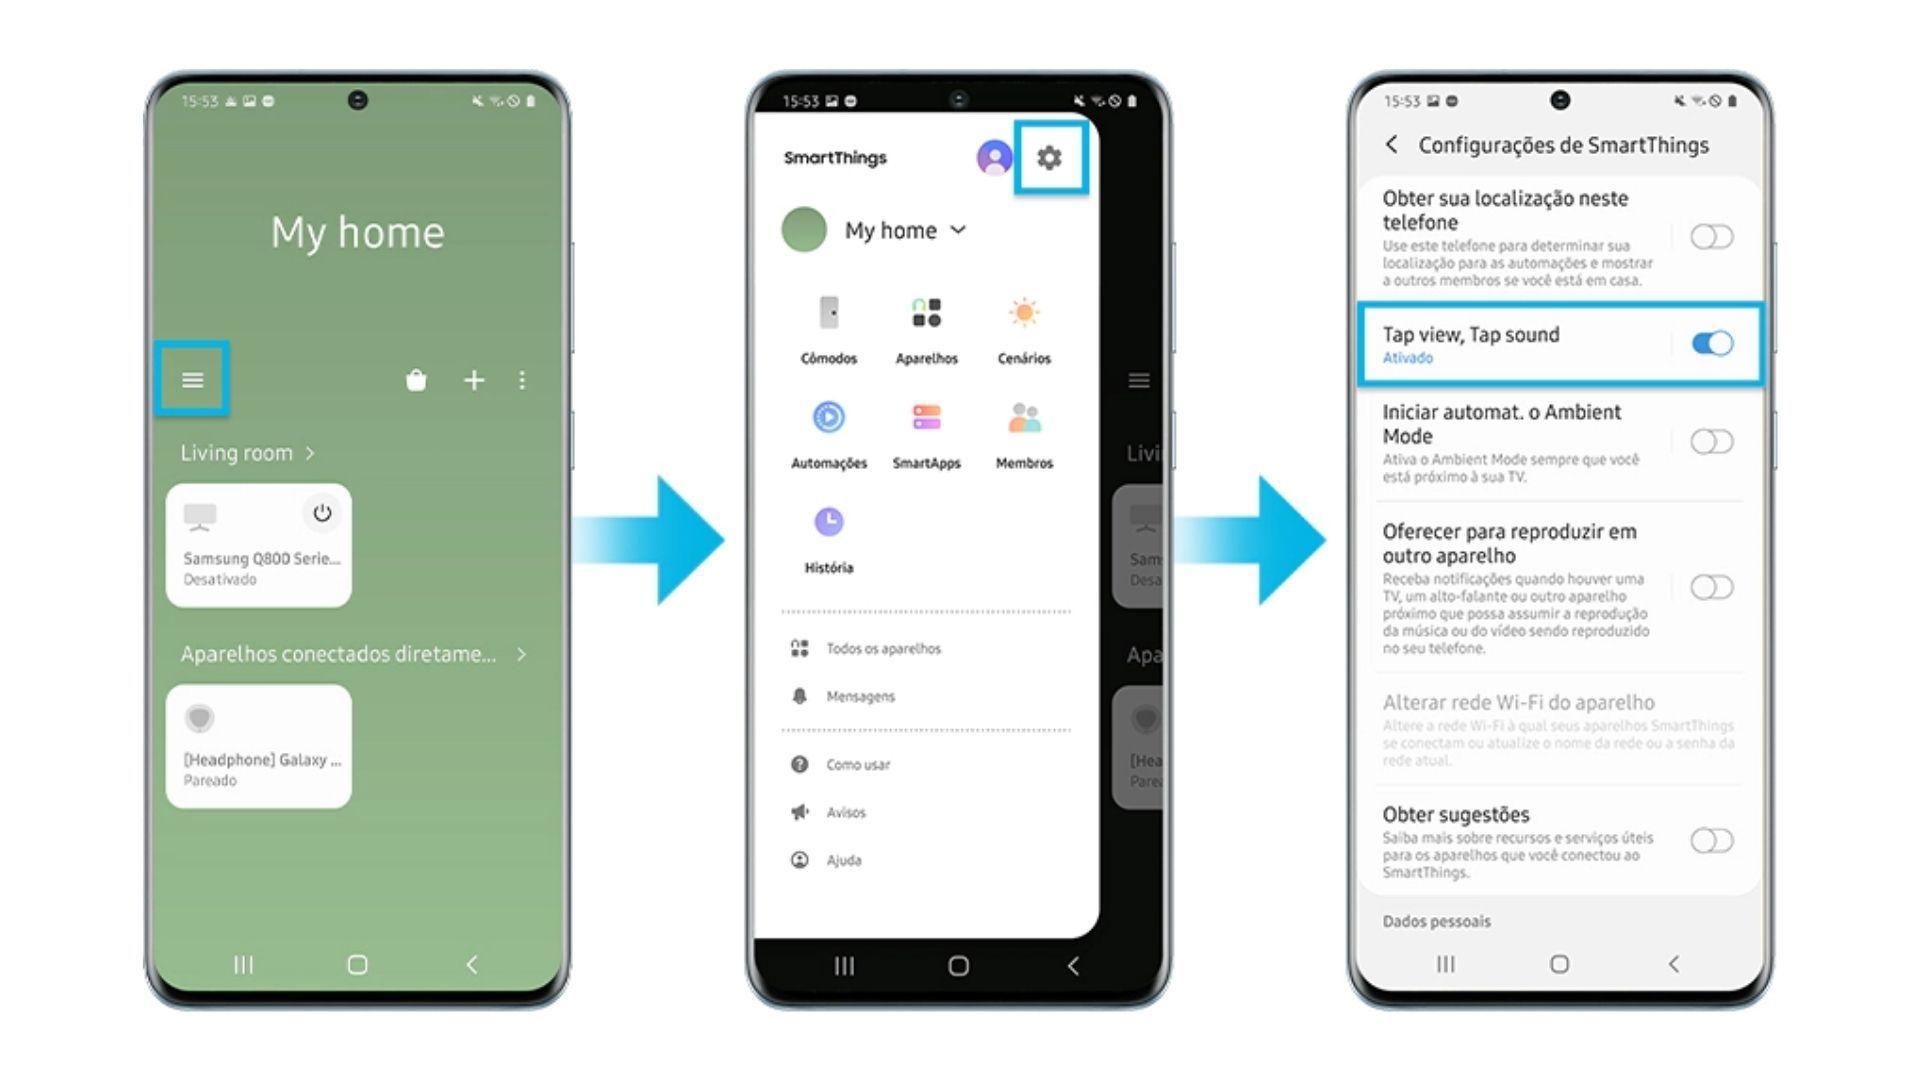 Imagem mostra o passo a passo de como ativar a opção Tap View no smartphone (Foto: Reprodução/Samsung)